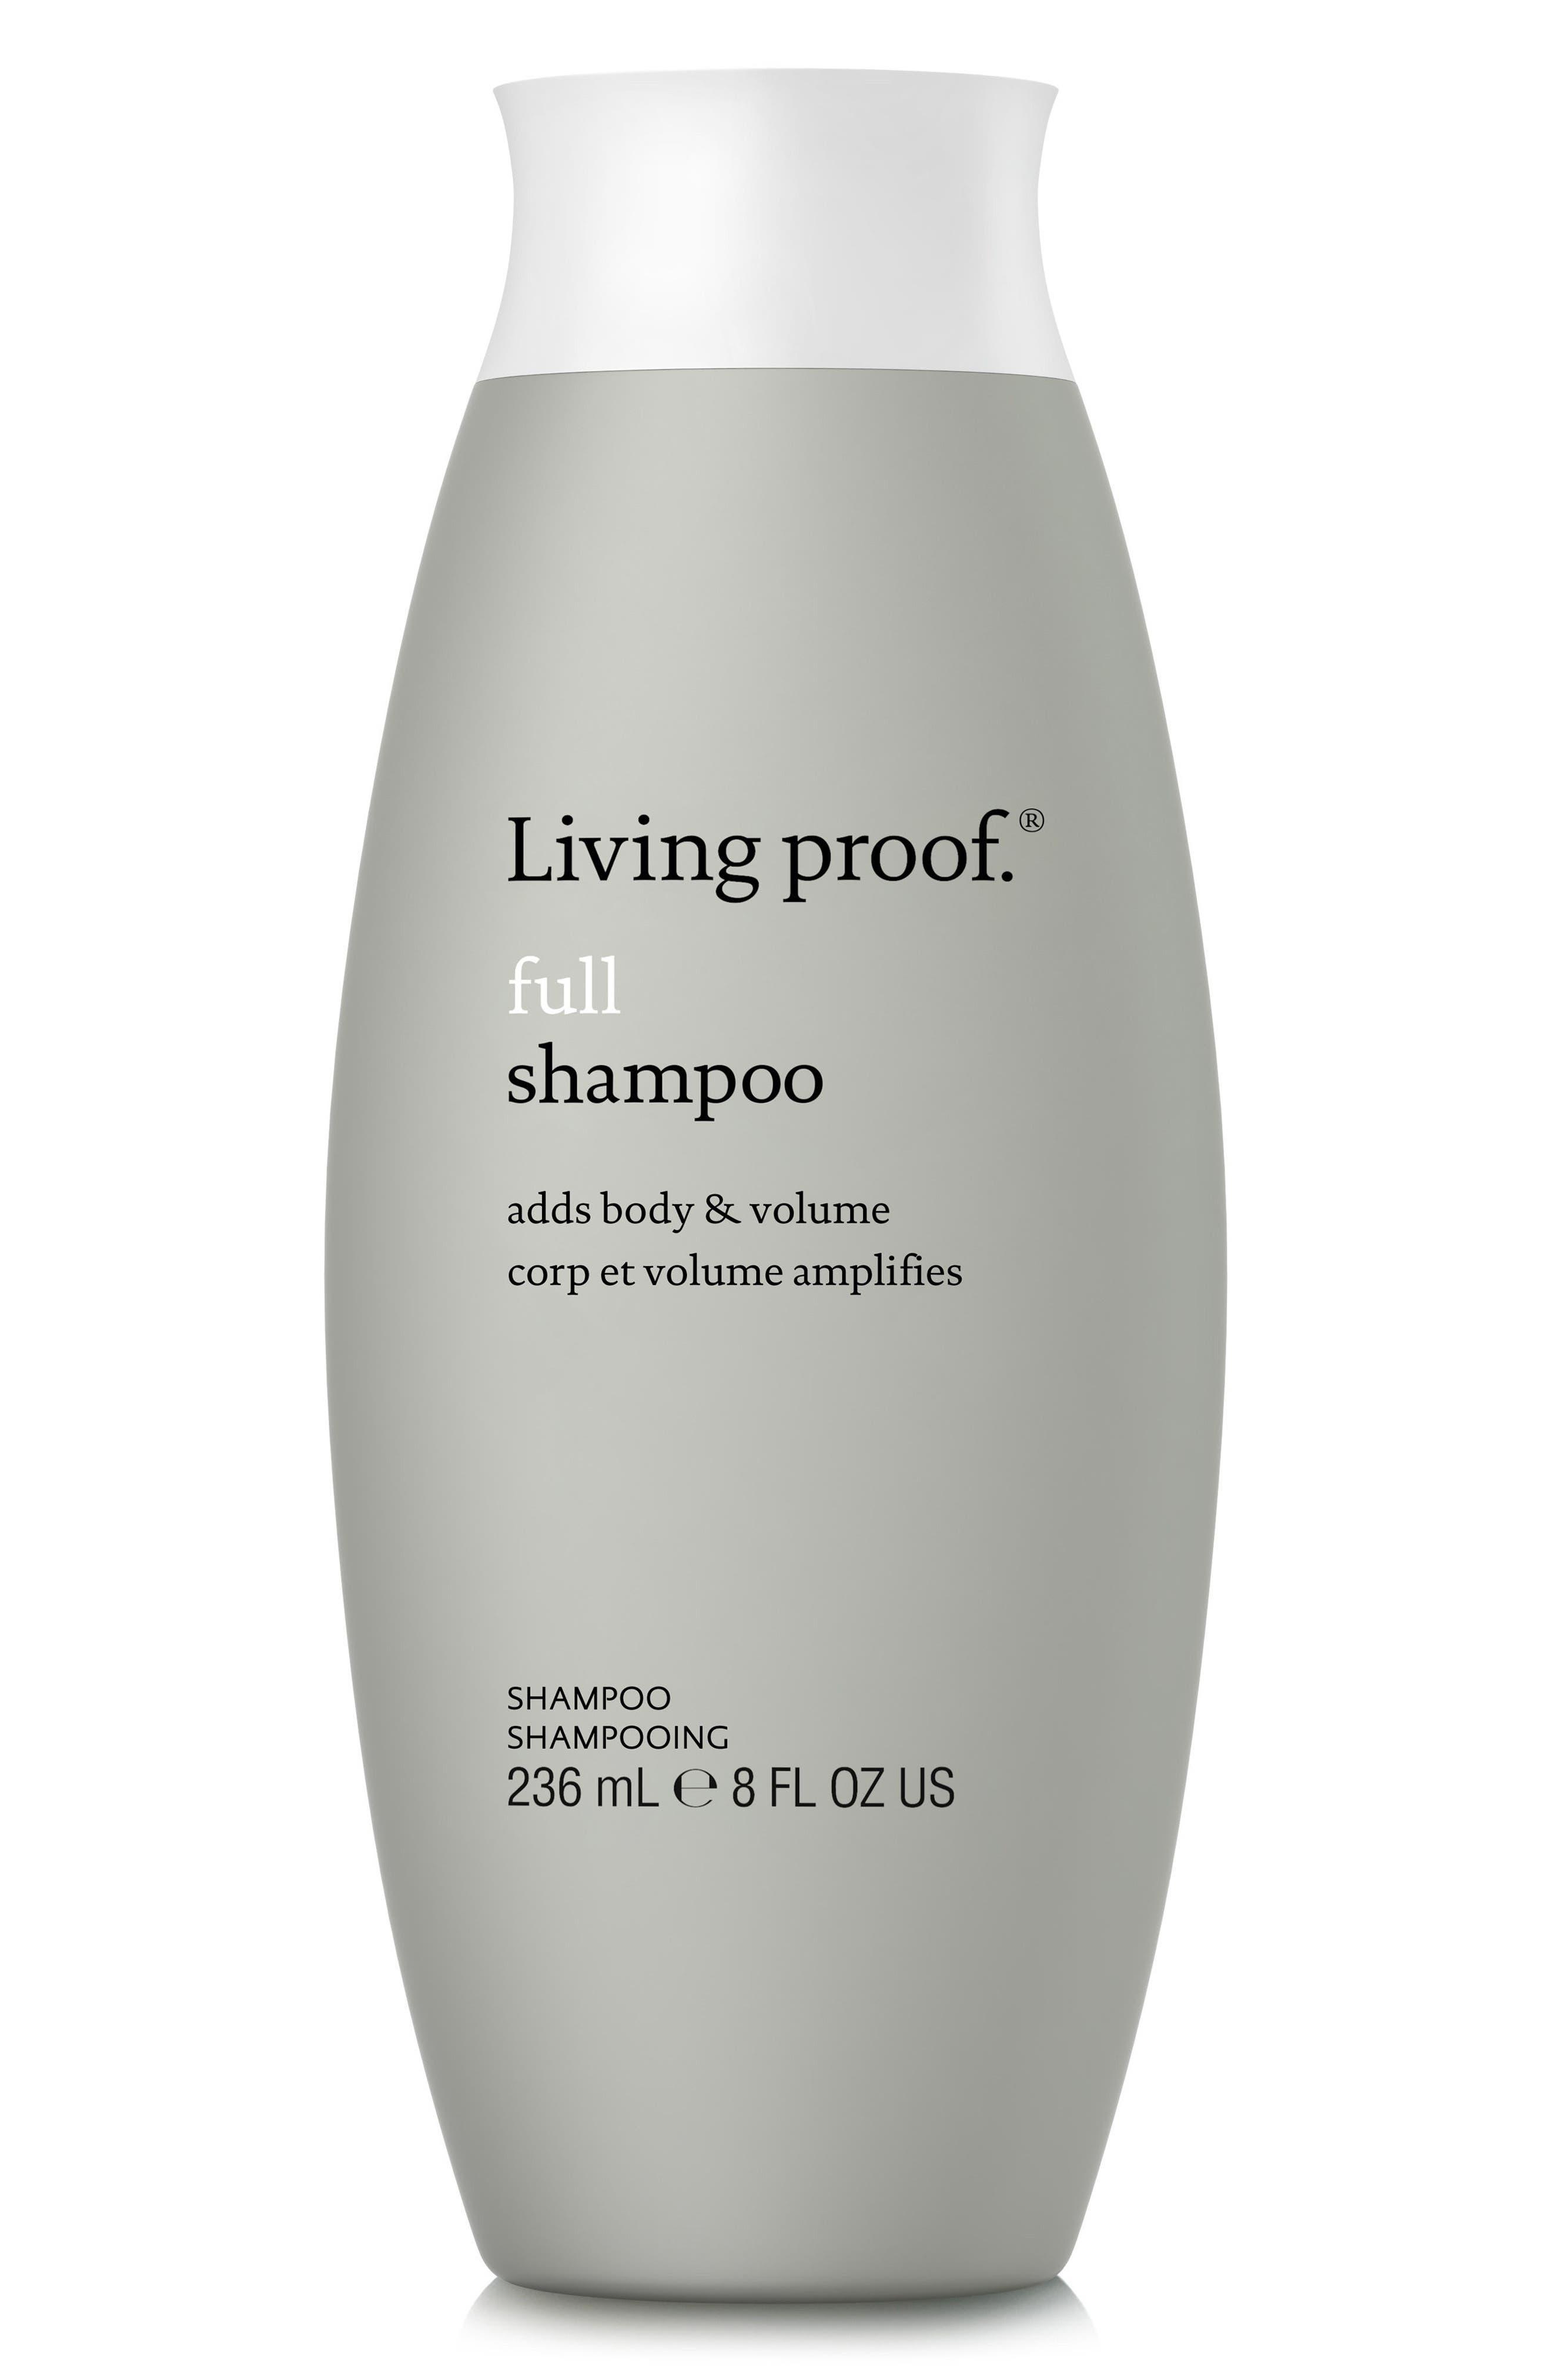 Living proof® Full Shampoo